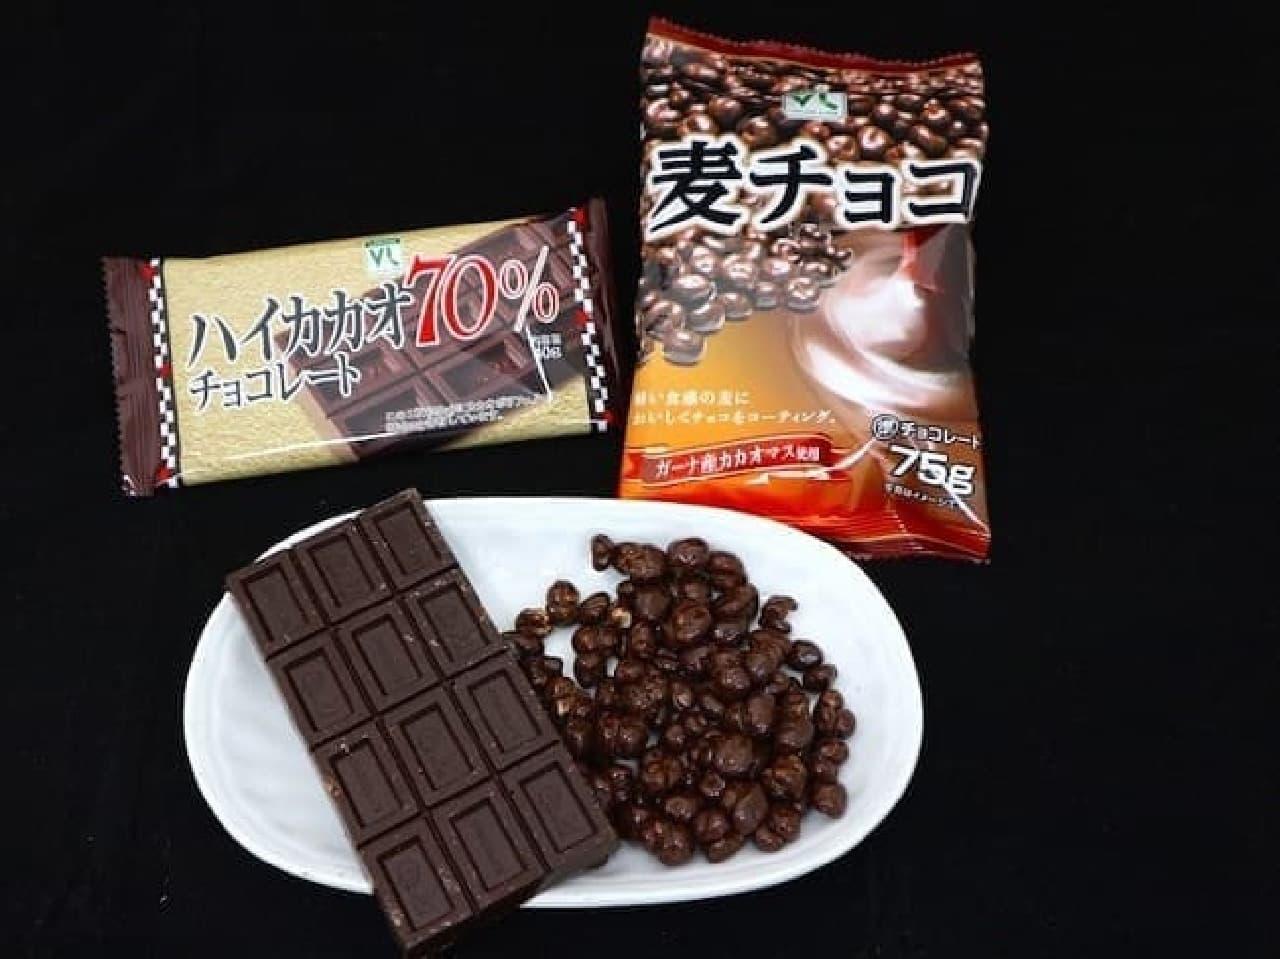 ローソンストア100「VL麦チョコ」「VLハイカカオ70%チョコレート」